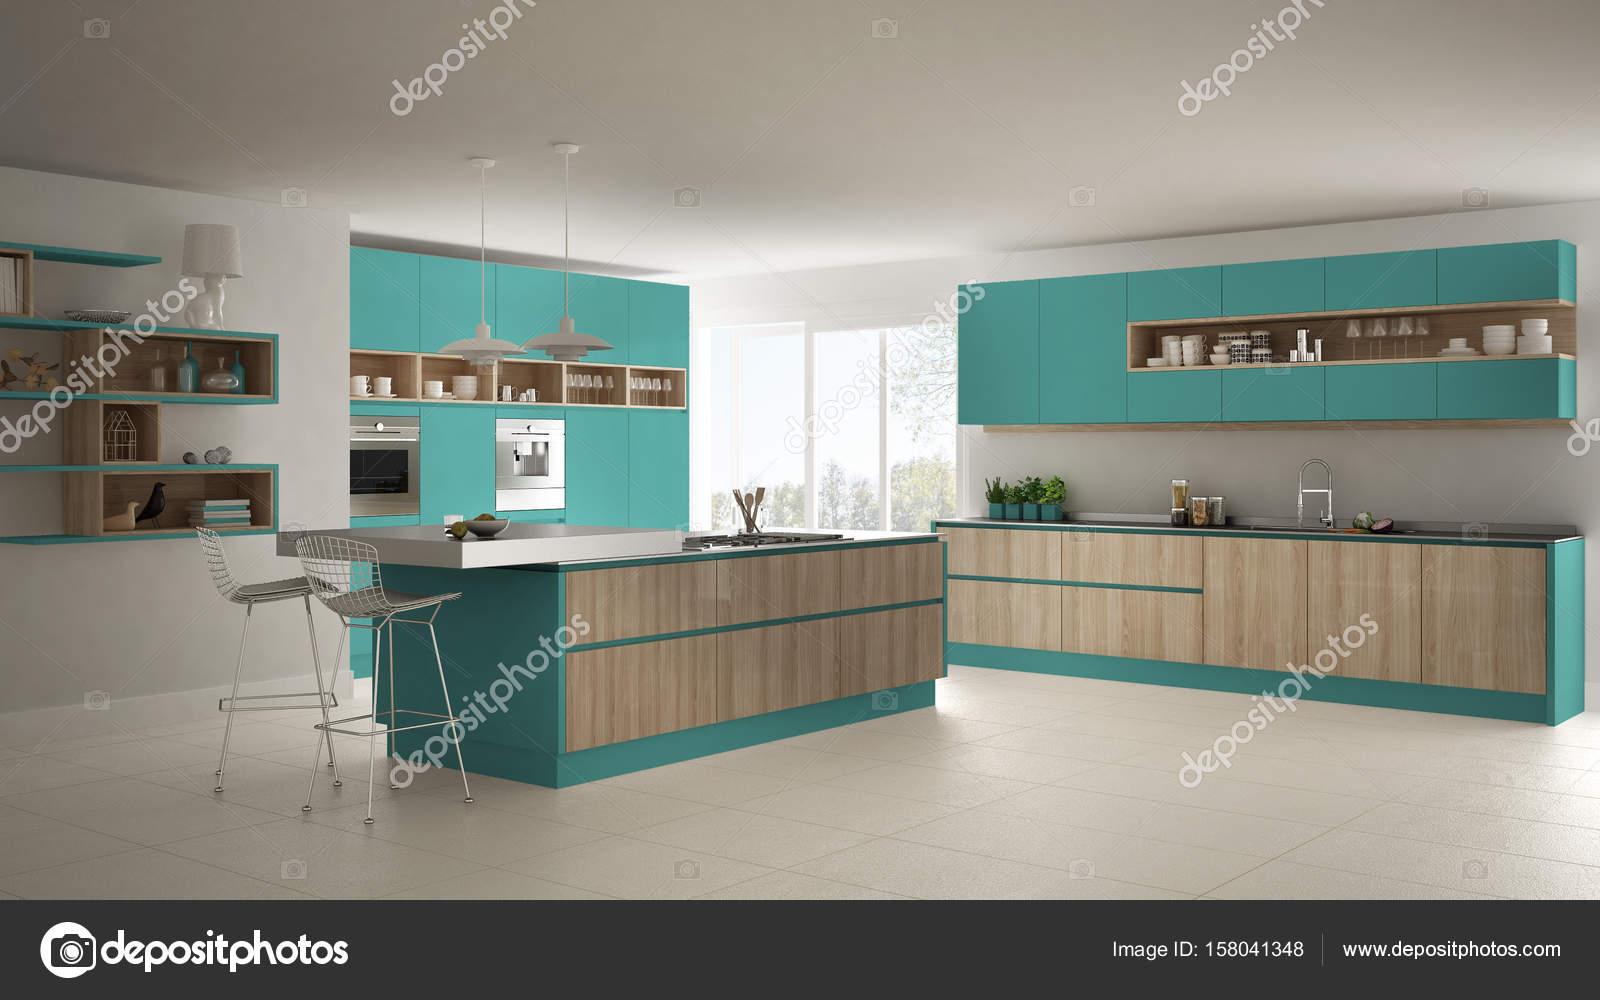 Moderna Cozinha Branca Com Detalhes Em Madeira E Turquesas Toscana